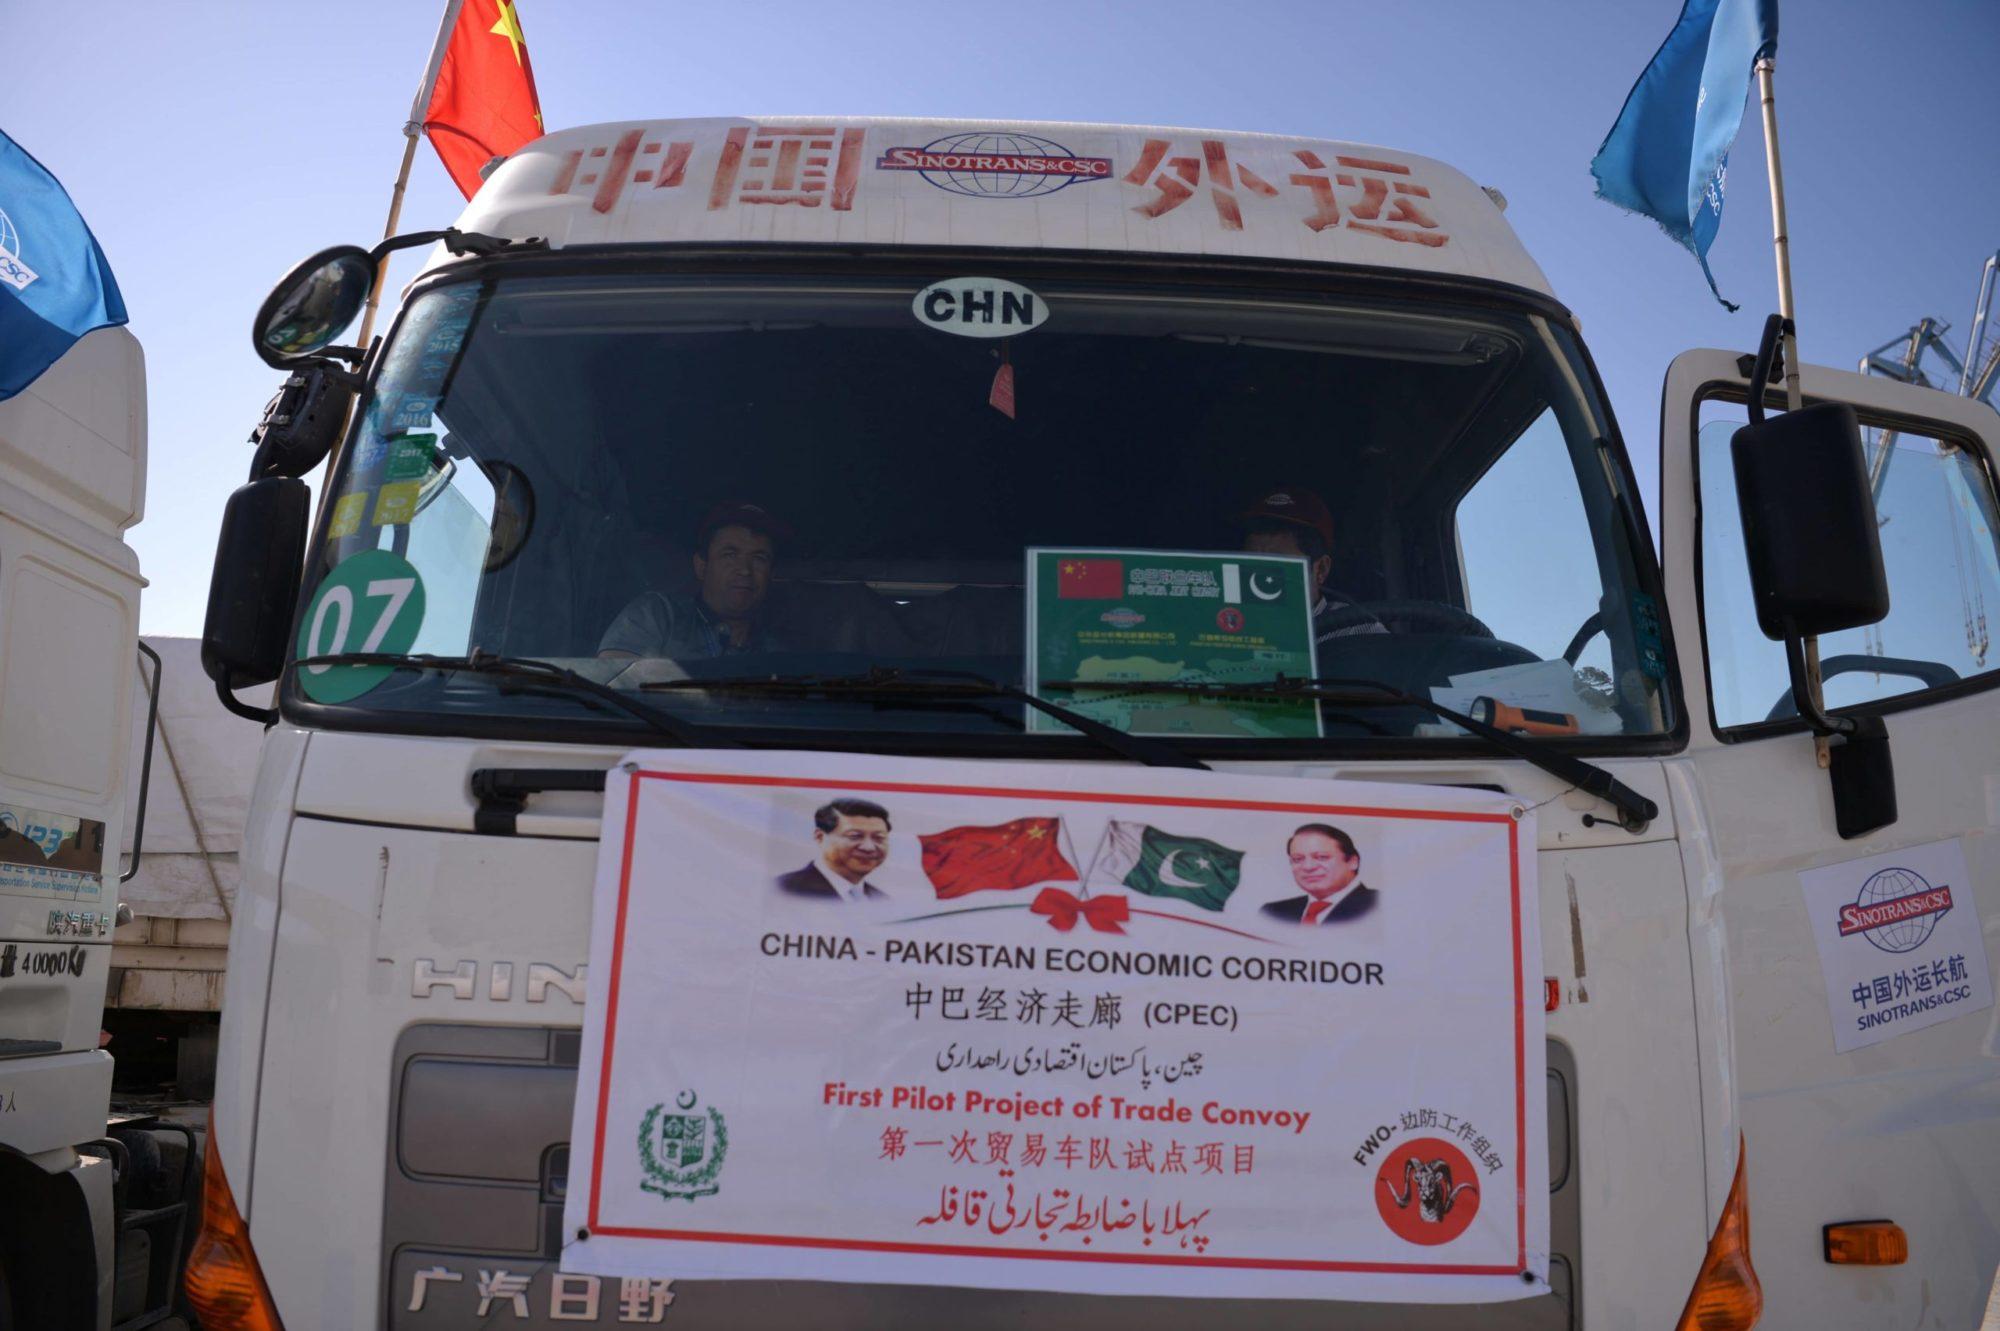 Pakistan Economic Corridor